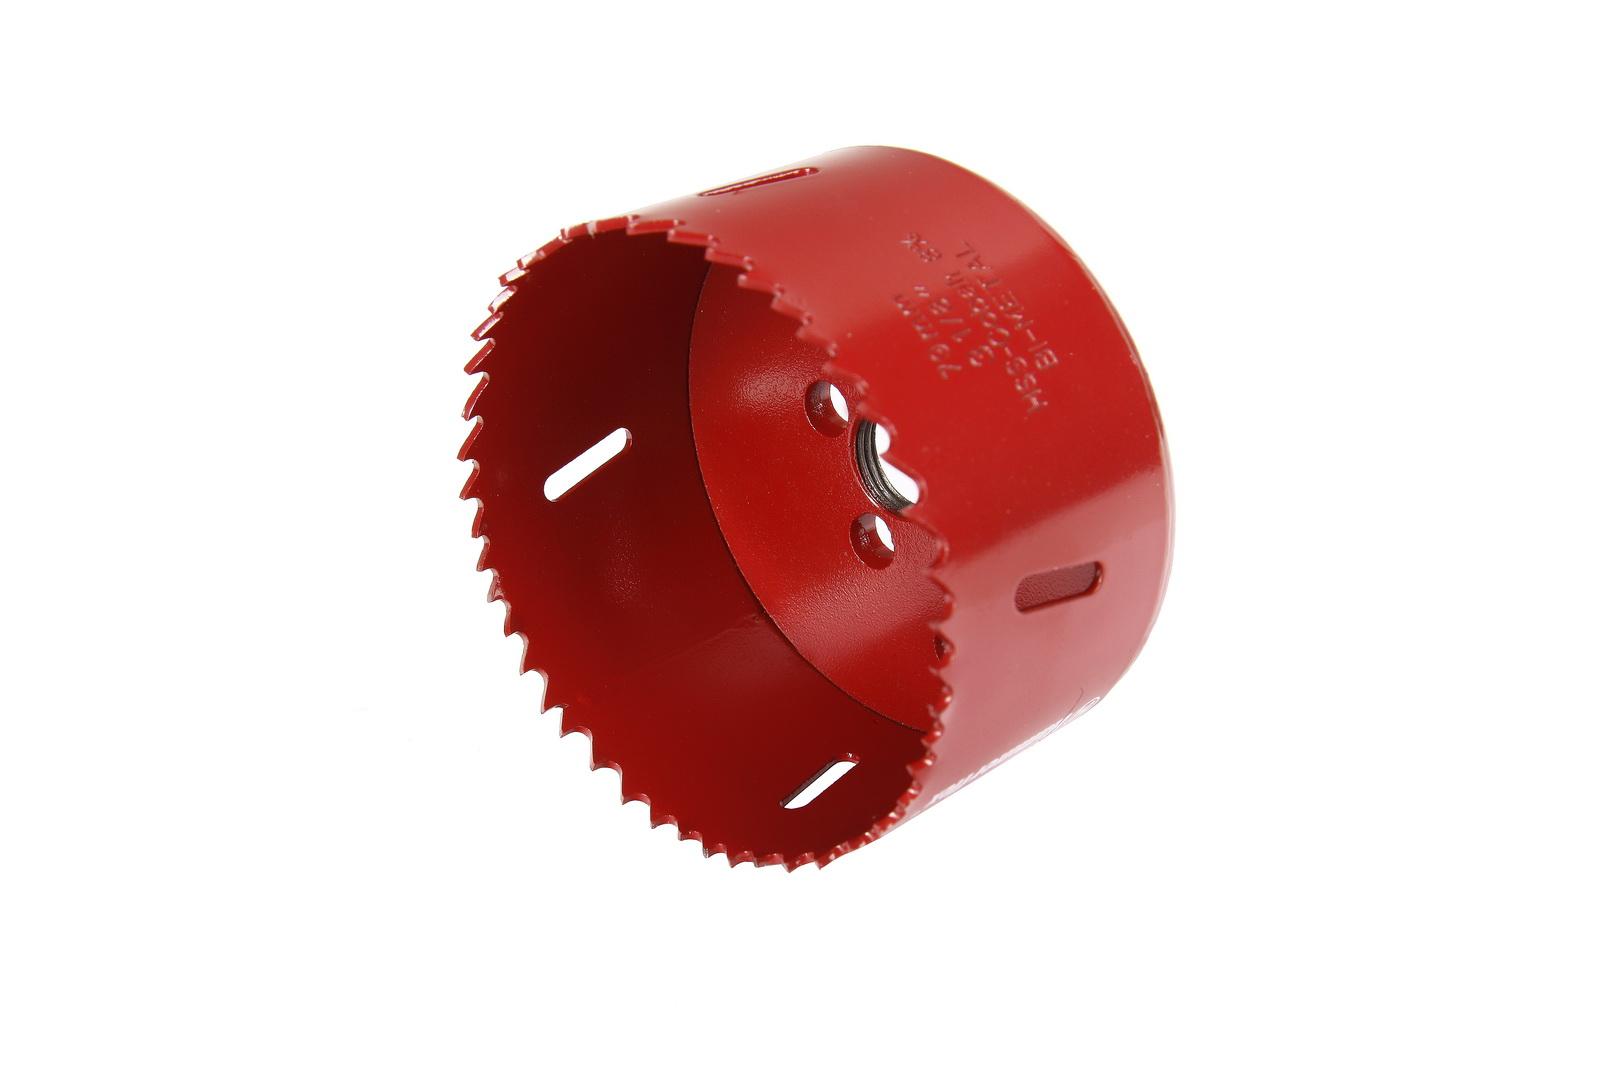 Коронка биметаллическая Hammer 224-014 bimetall 79 мм коронка биметаллическая hammer 224 011 bimetall 57 мм